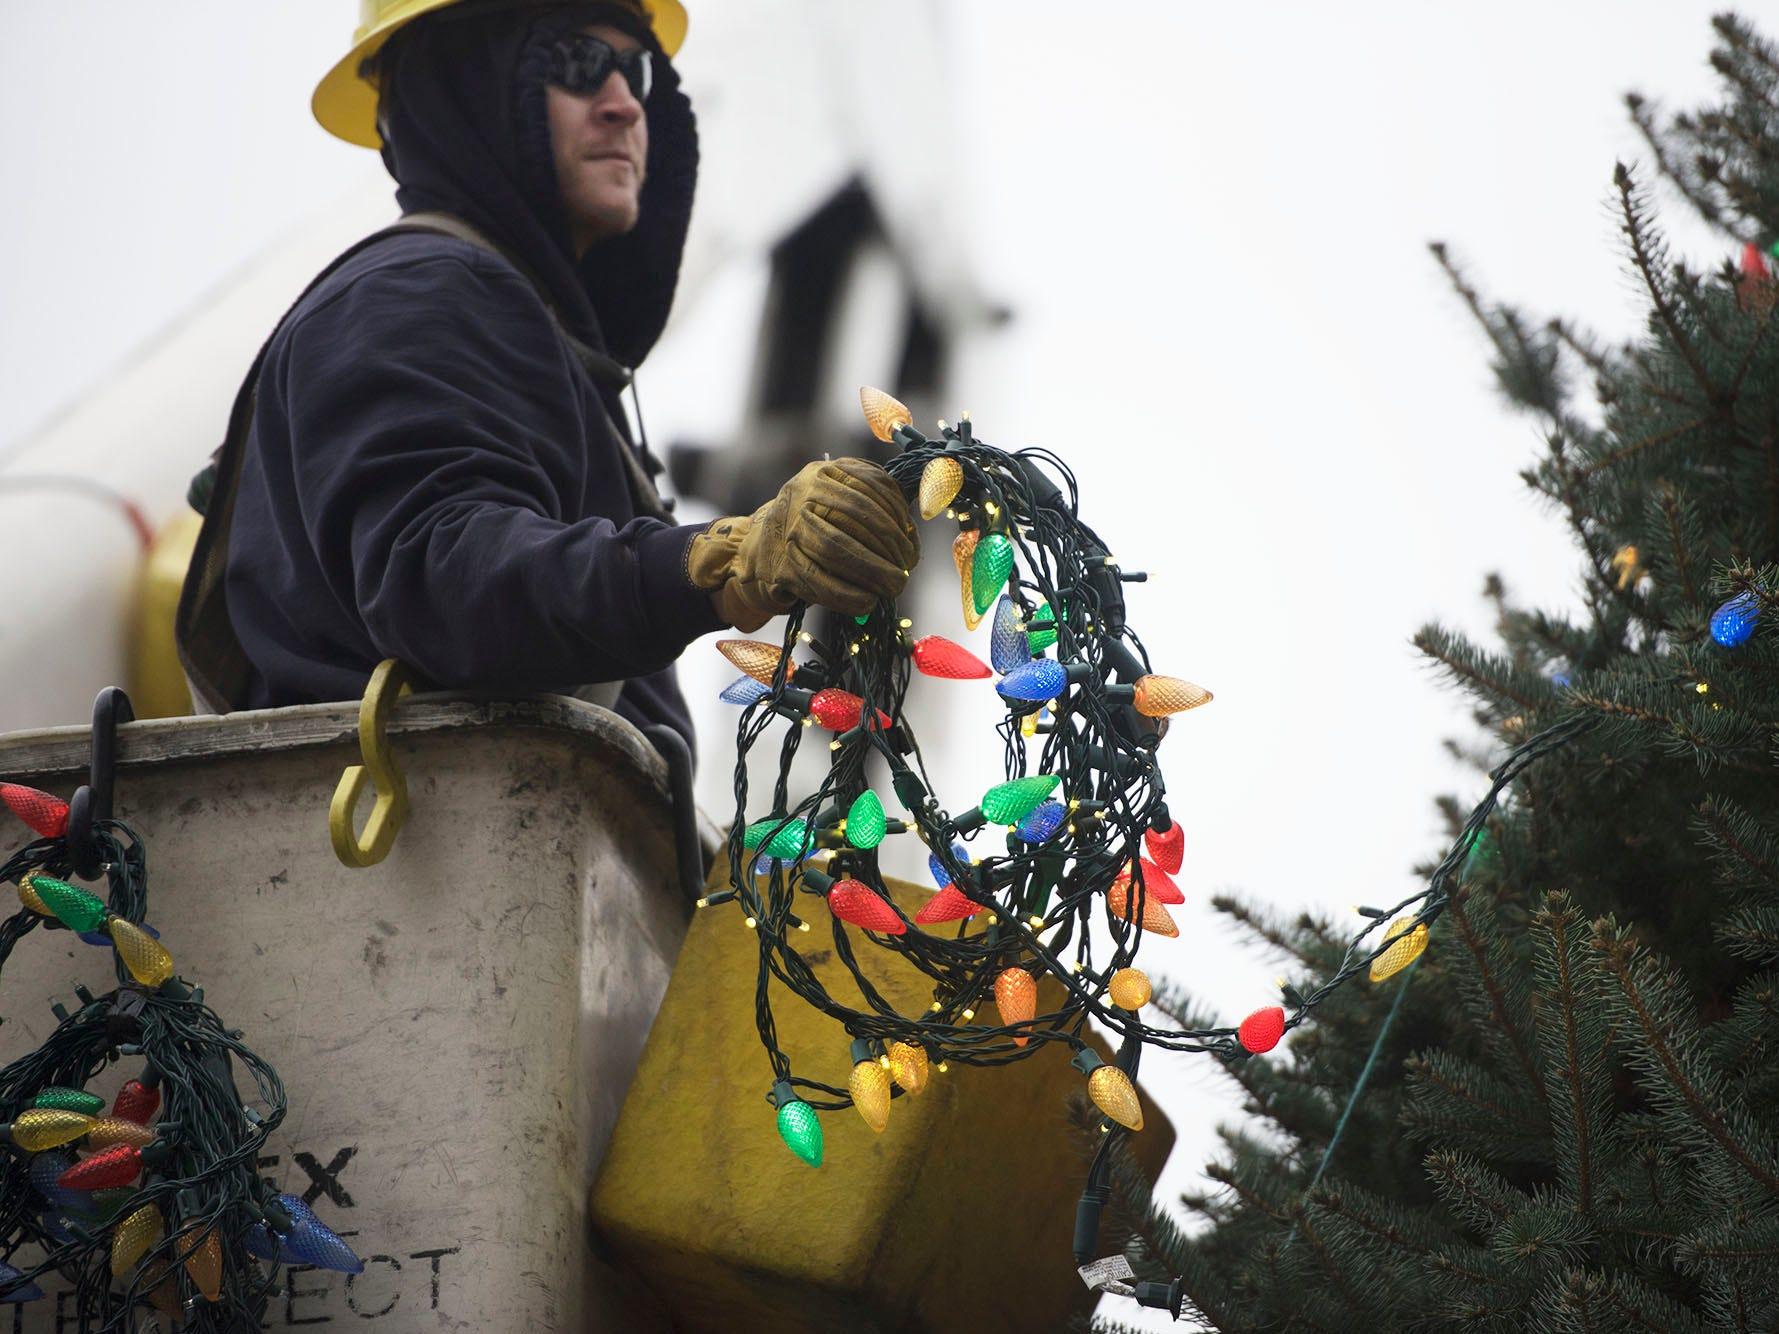 PHOTOS: The Christmas tree comes to Chambersburg